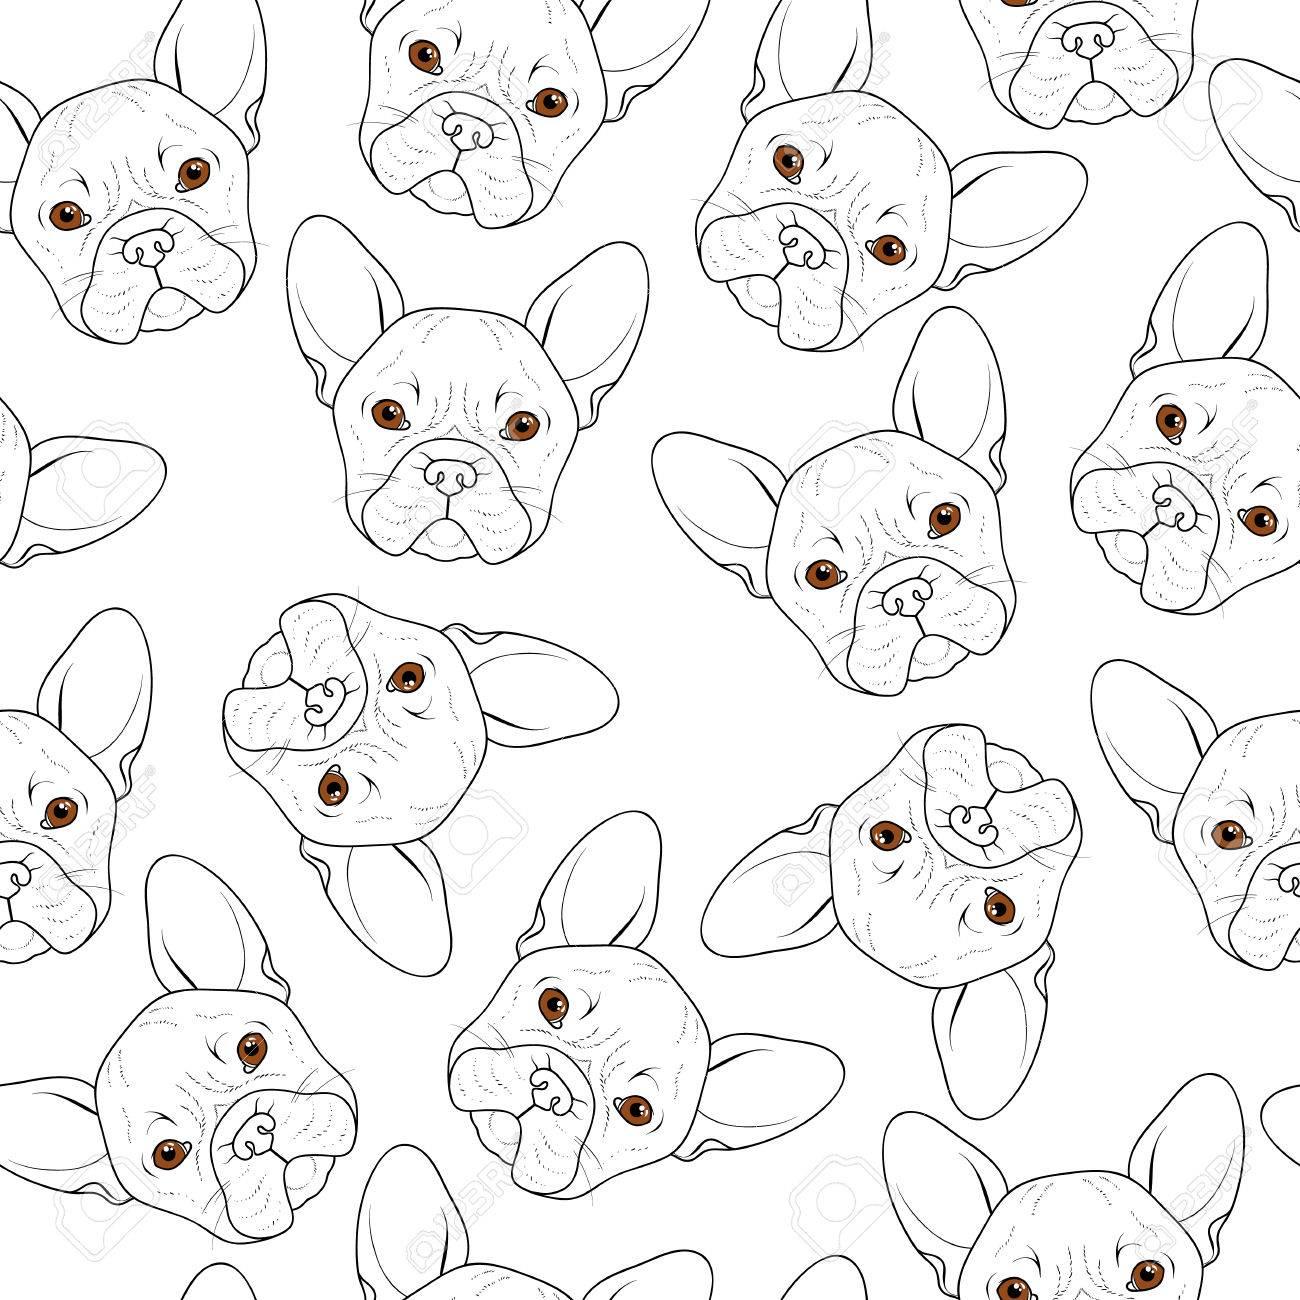 Coloriage Chien Realiste.Seamless Avec Mignon Croquis Bulldog Main Chien Realiste Coloriage Monochrome Avec Bulldog Imprimer Pour L Impression Sur Textile Chiens De Race